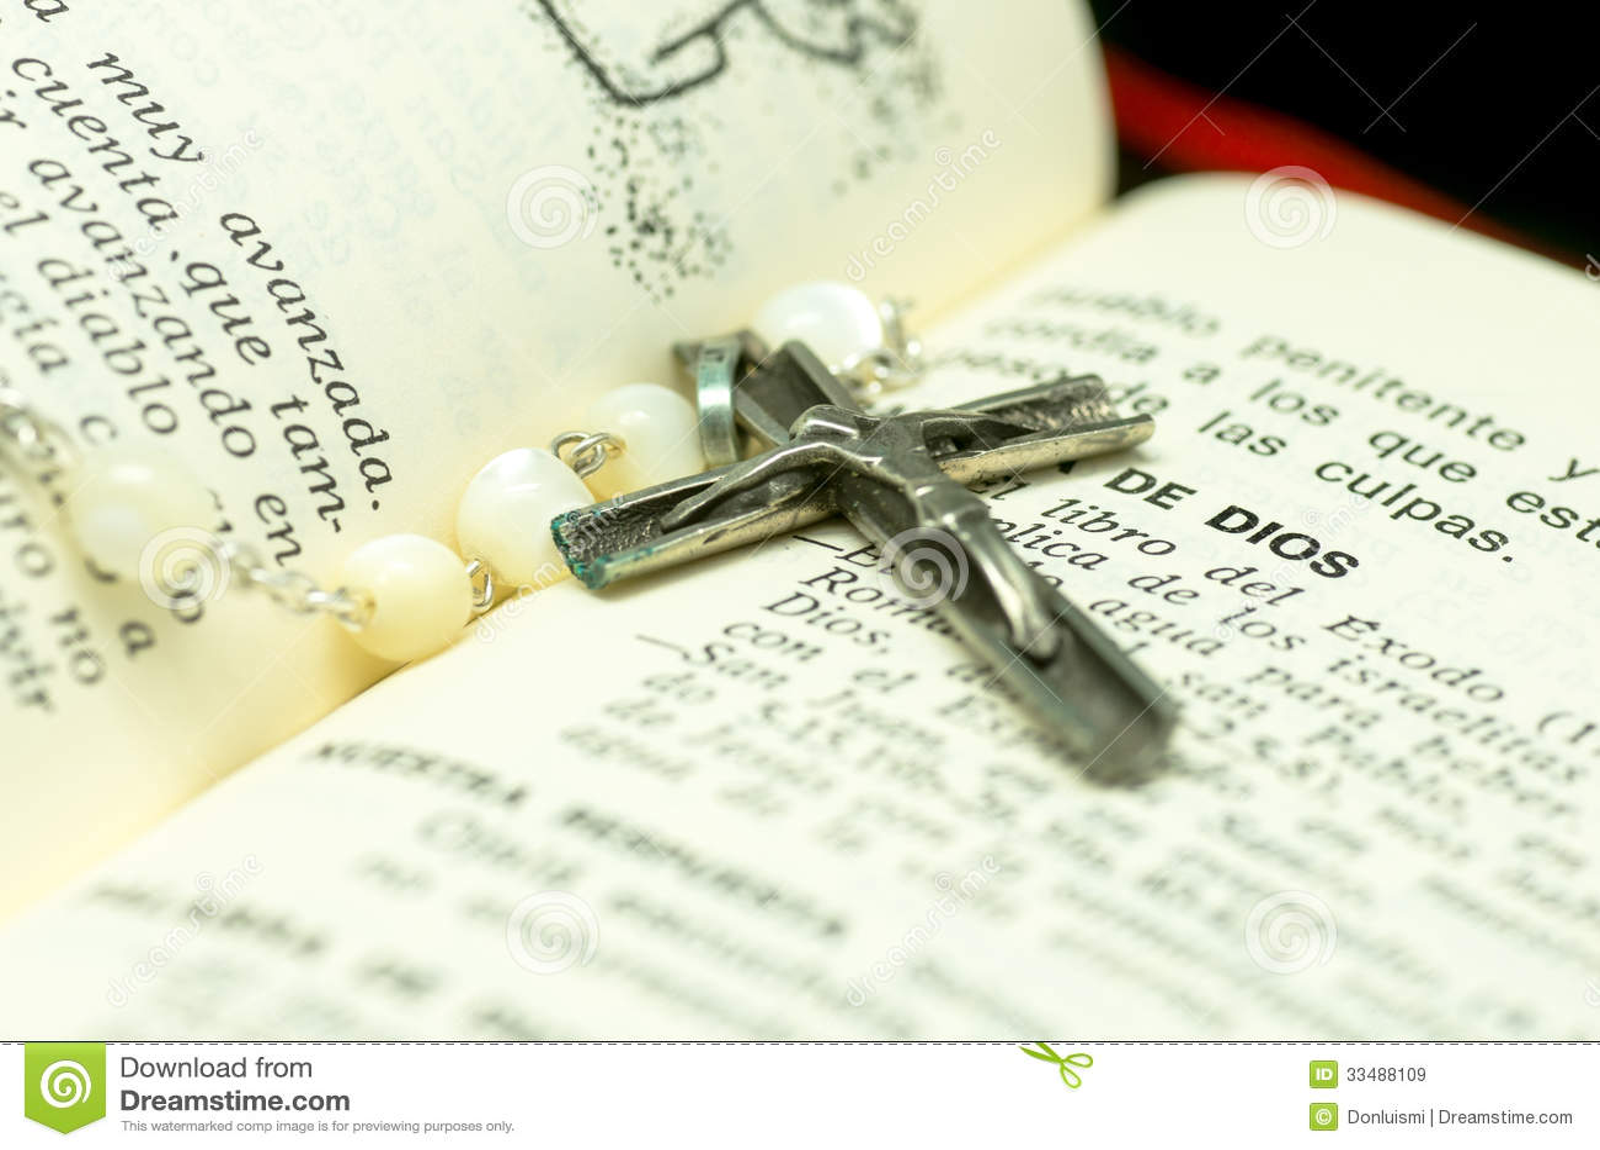 Sacreed Books 5 Stock Image Image Of Hope Christianity 33488109